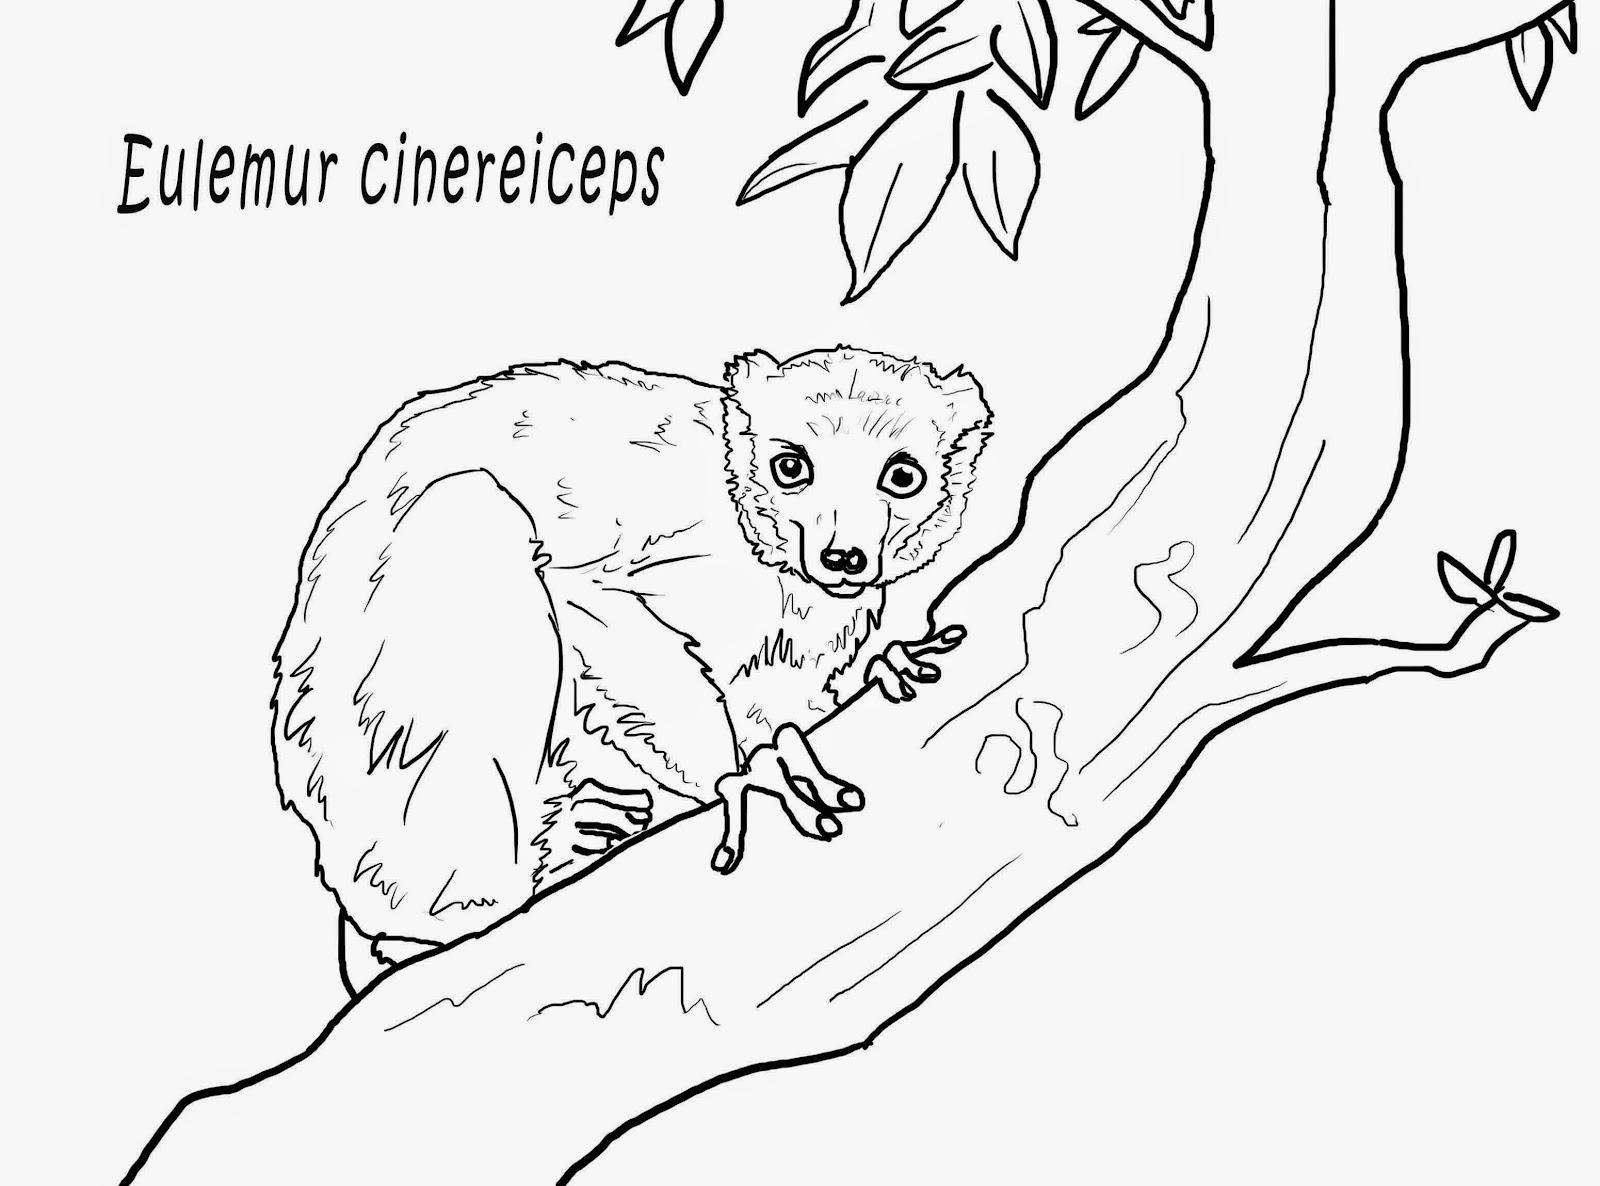 """img src=""""Eulemur cenereiceps.jpg"""" alt=""""Lémures para colorear""""/>"""